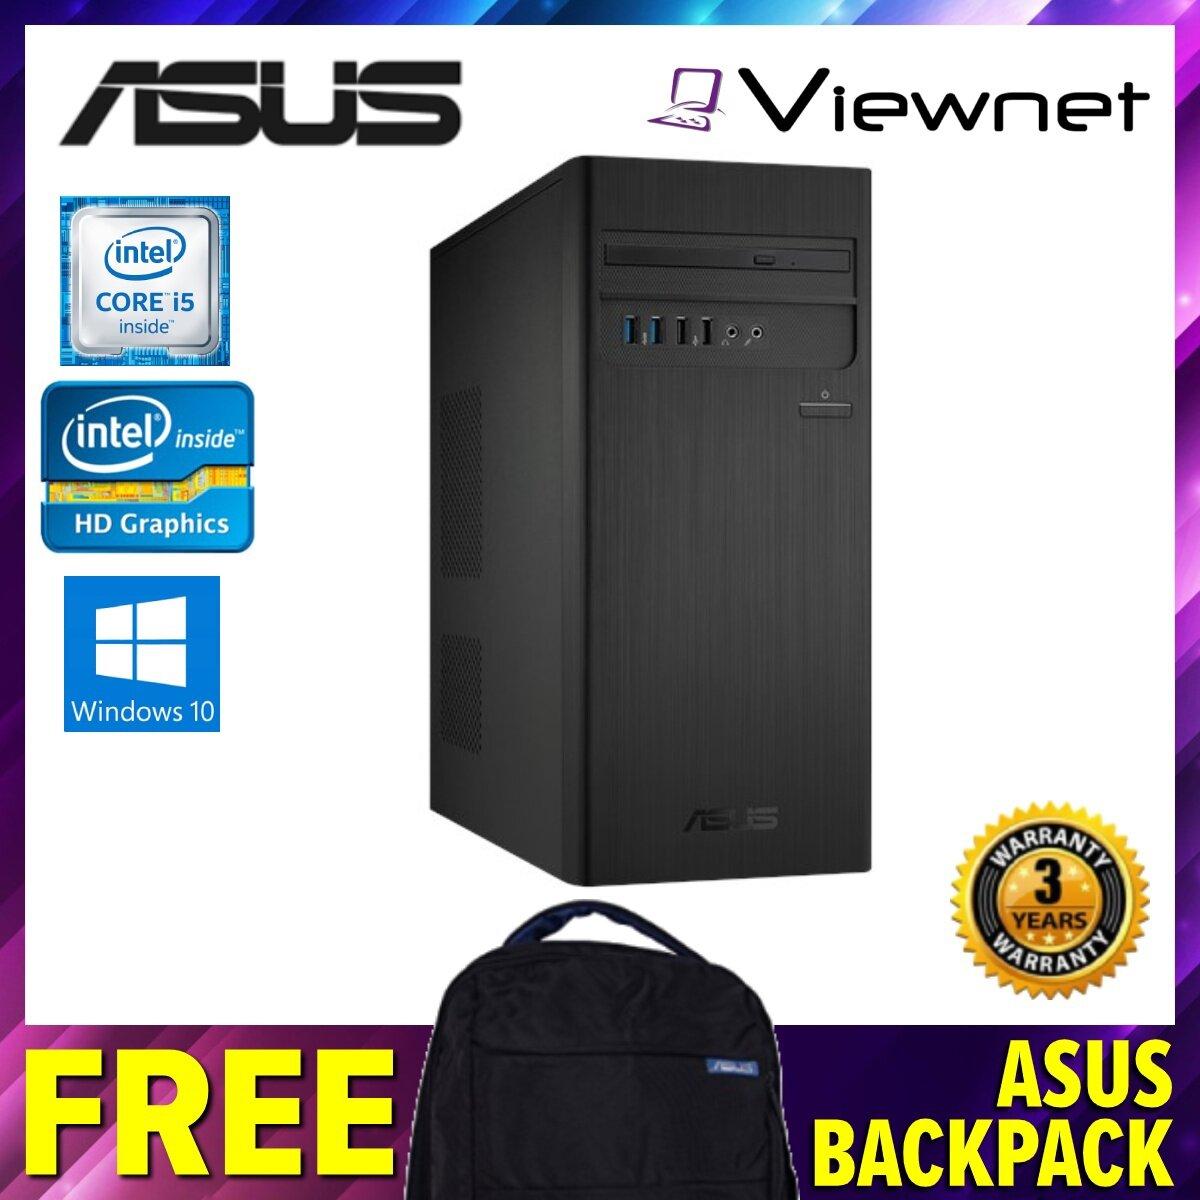 Asus S340MC-I58400073T Desktop PC ,Intel Core I5-8400, 4GB DDR4, 1TB, Intel HD, Windows 10